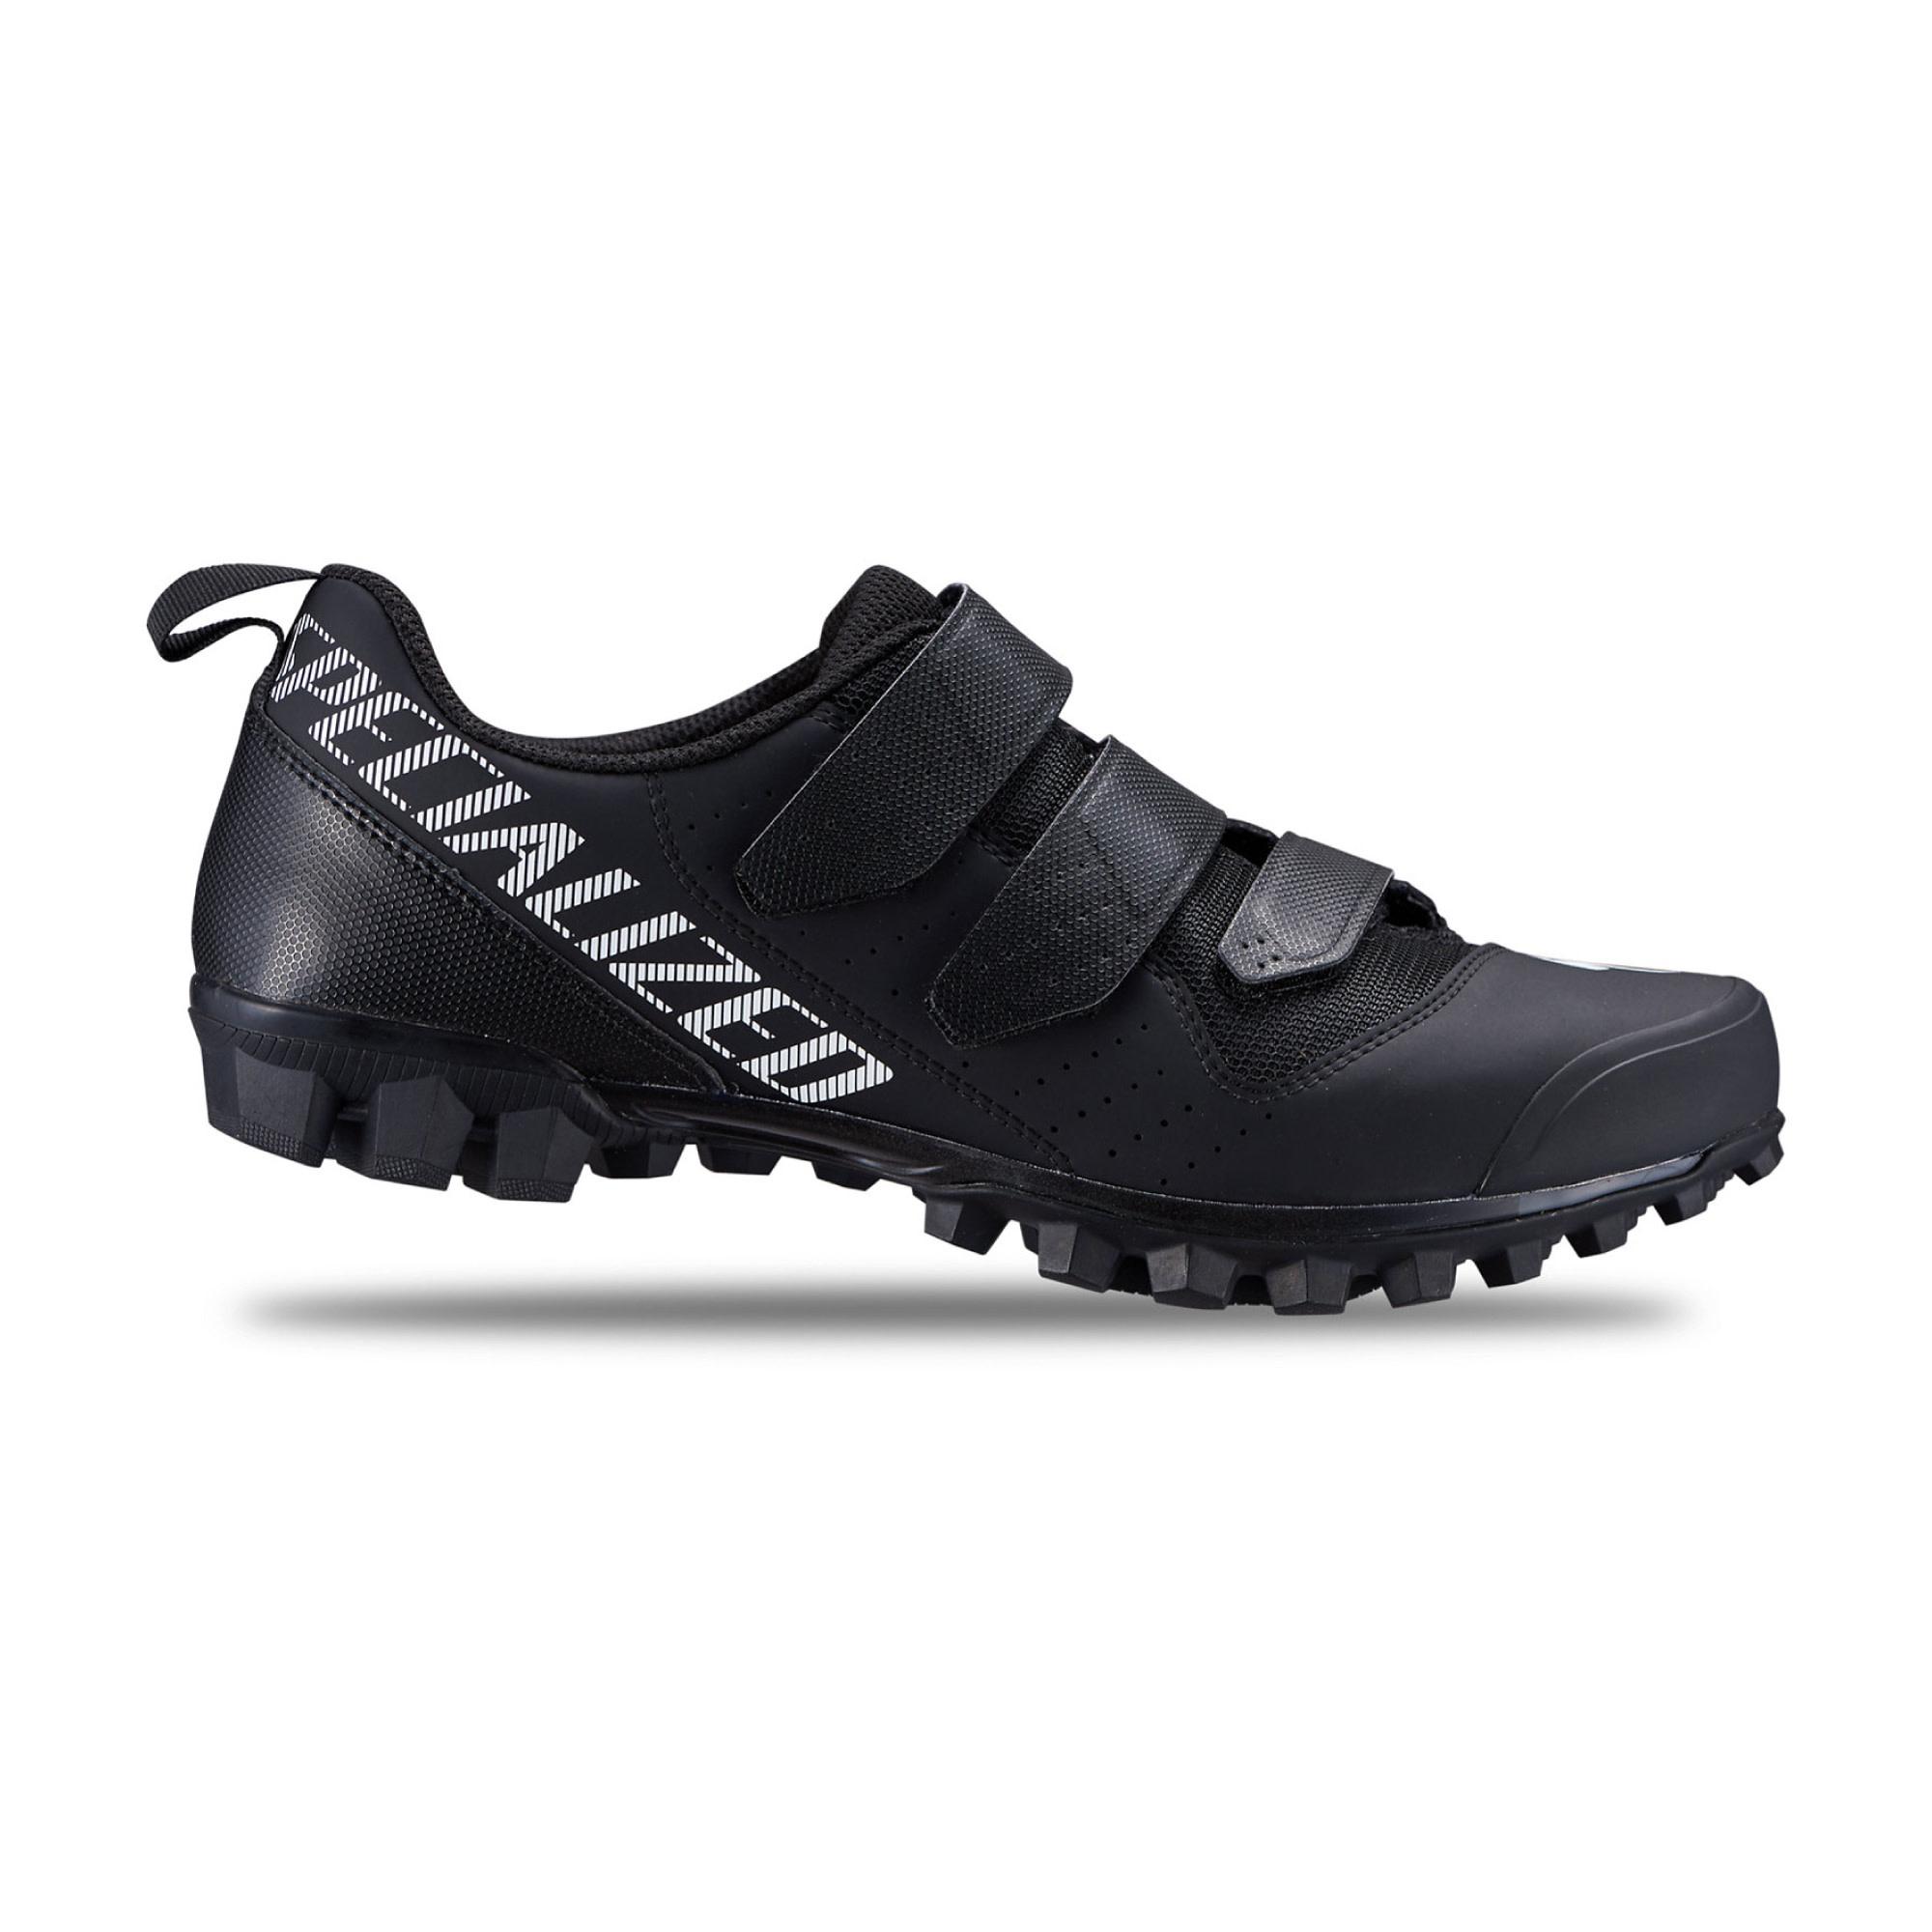 Recon 1.0 MTB Shoe-11